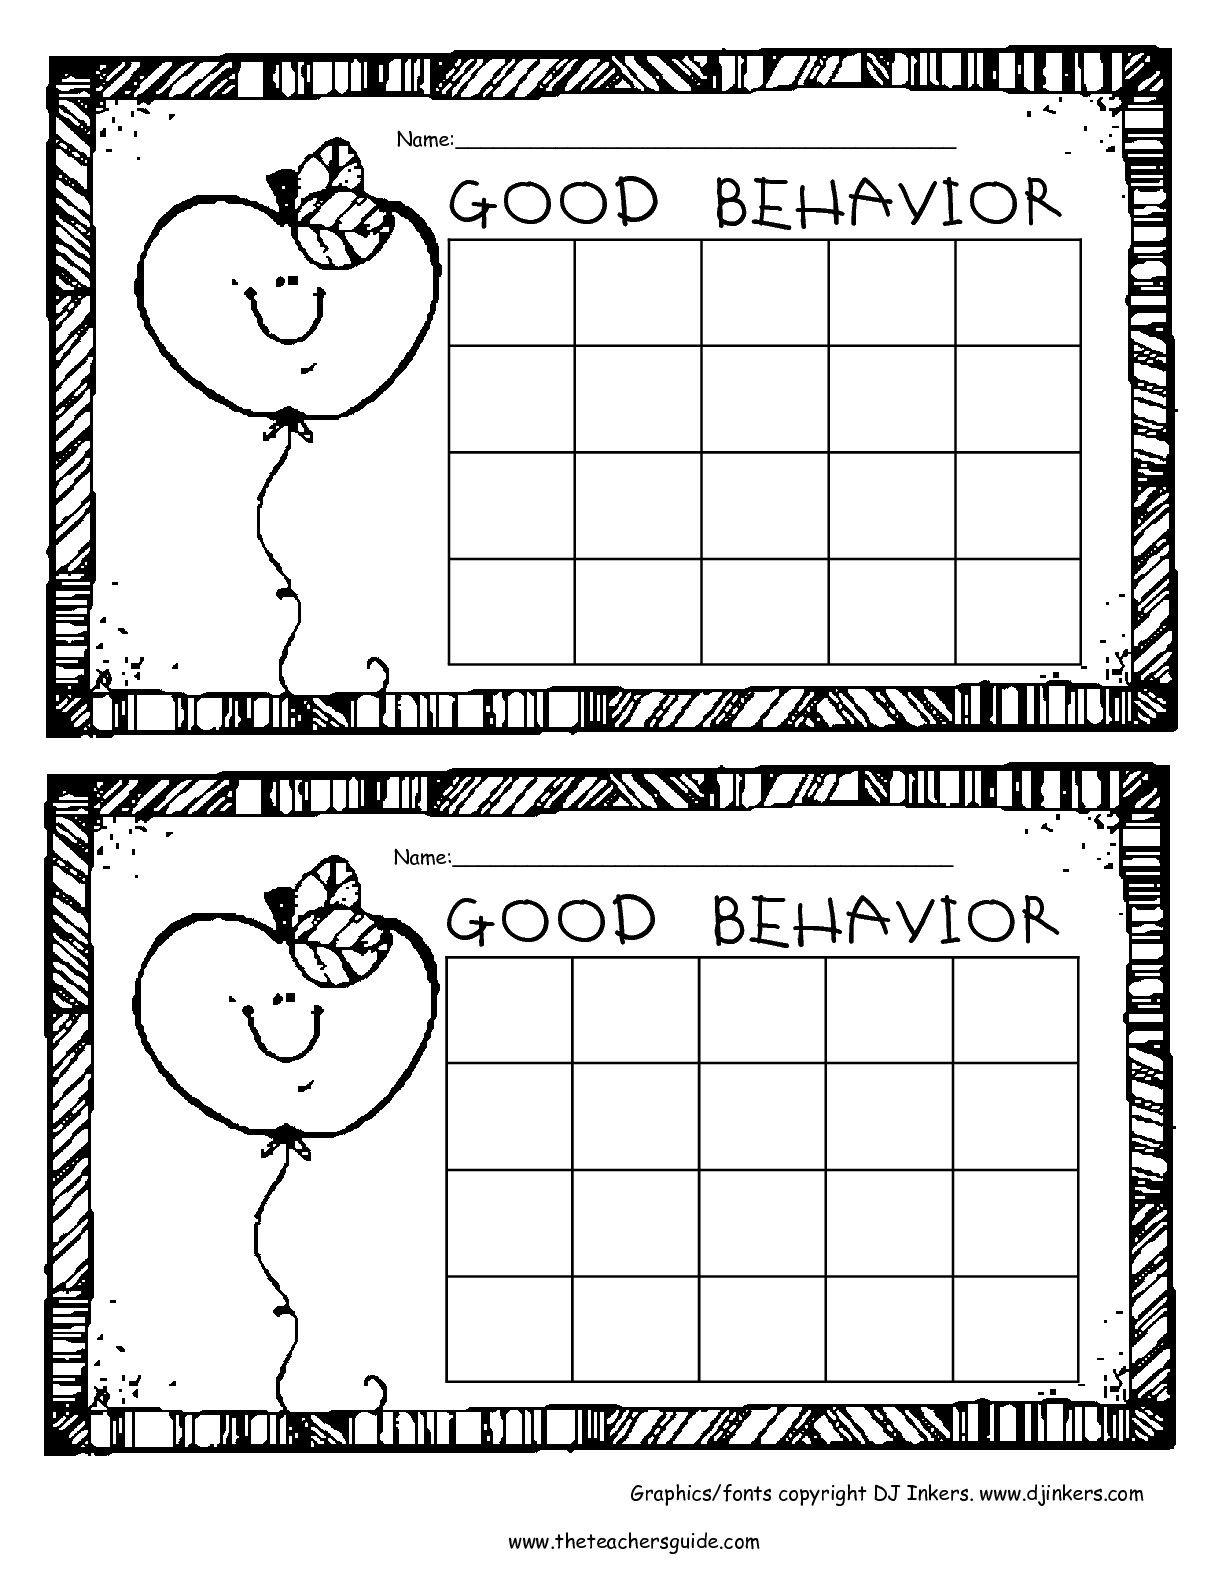 Free Printable Reward And Incentive Charts | Sticker Charts - Free Printable Incentive Charts For School